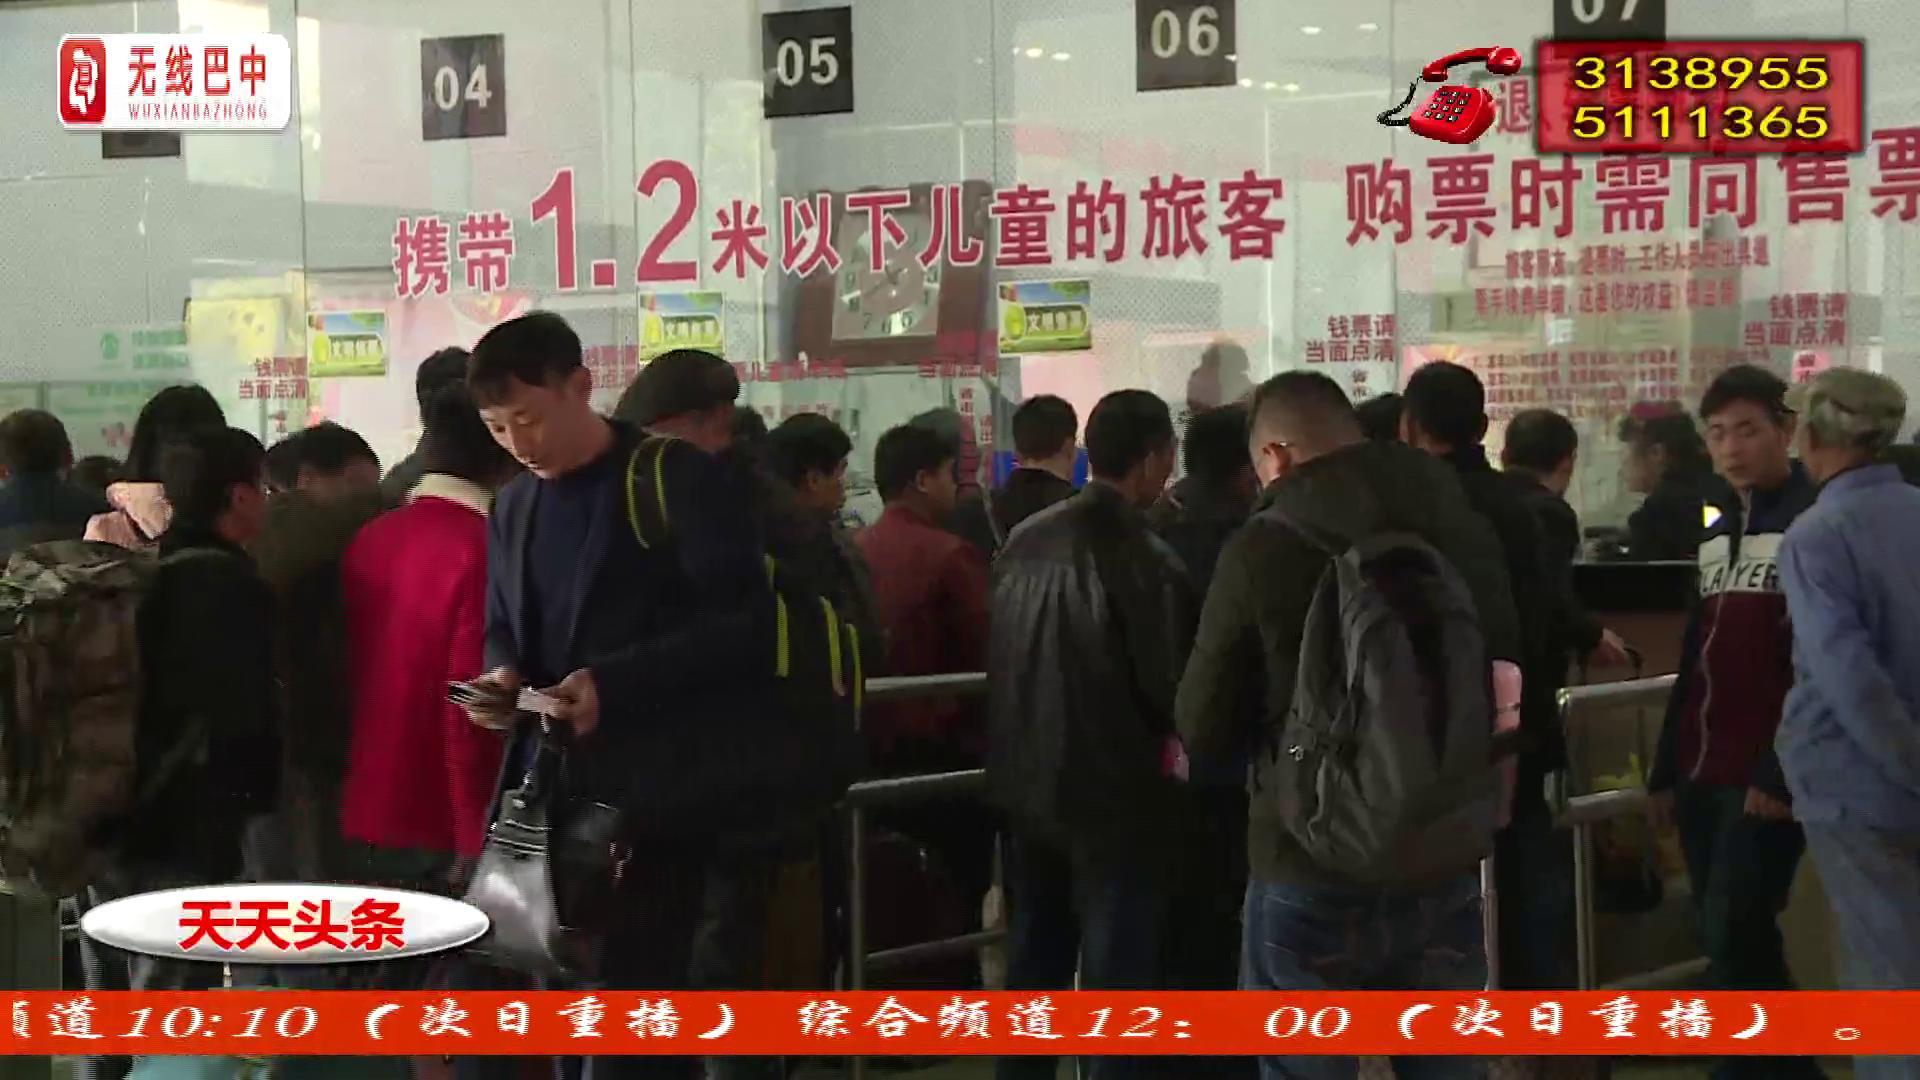 站务员周艳华:坚守岗位三十年 为女儿做榜样